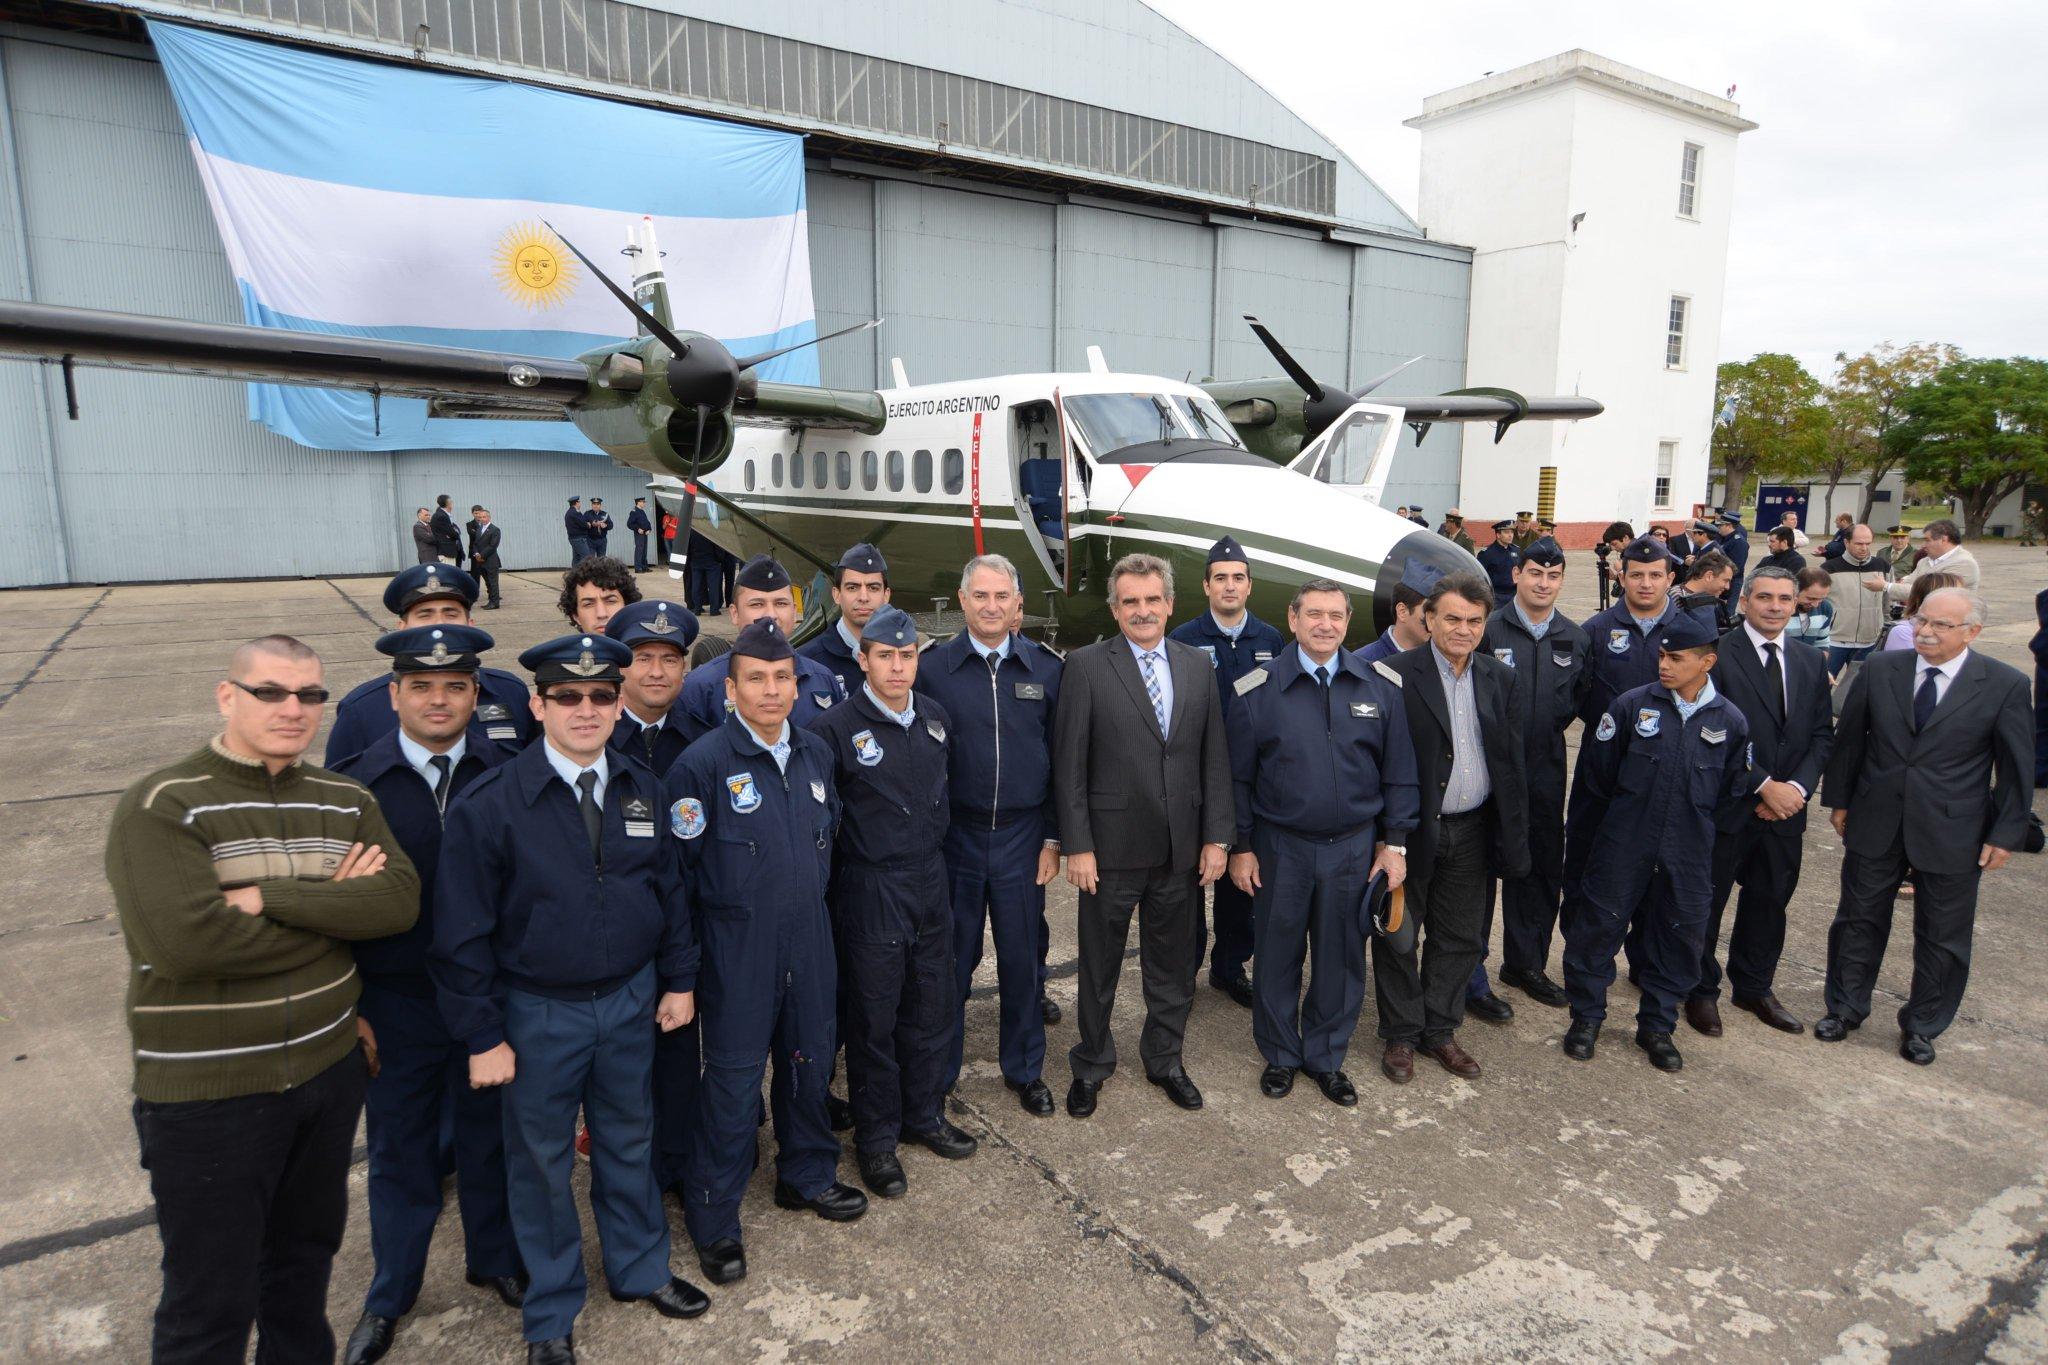 La Fuerza Aérea Argentina entrega el Twin Otter AE-106 al Ejército Argentino CDsjCSIVIAEoz1-